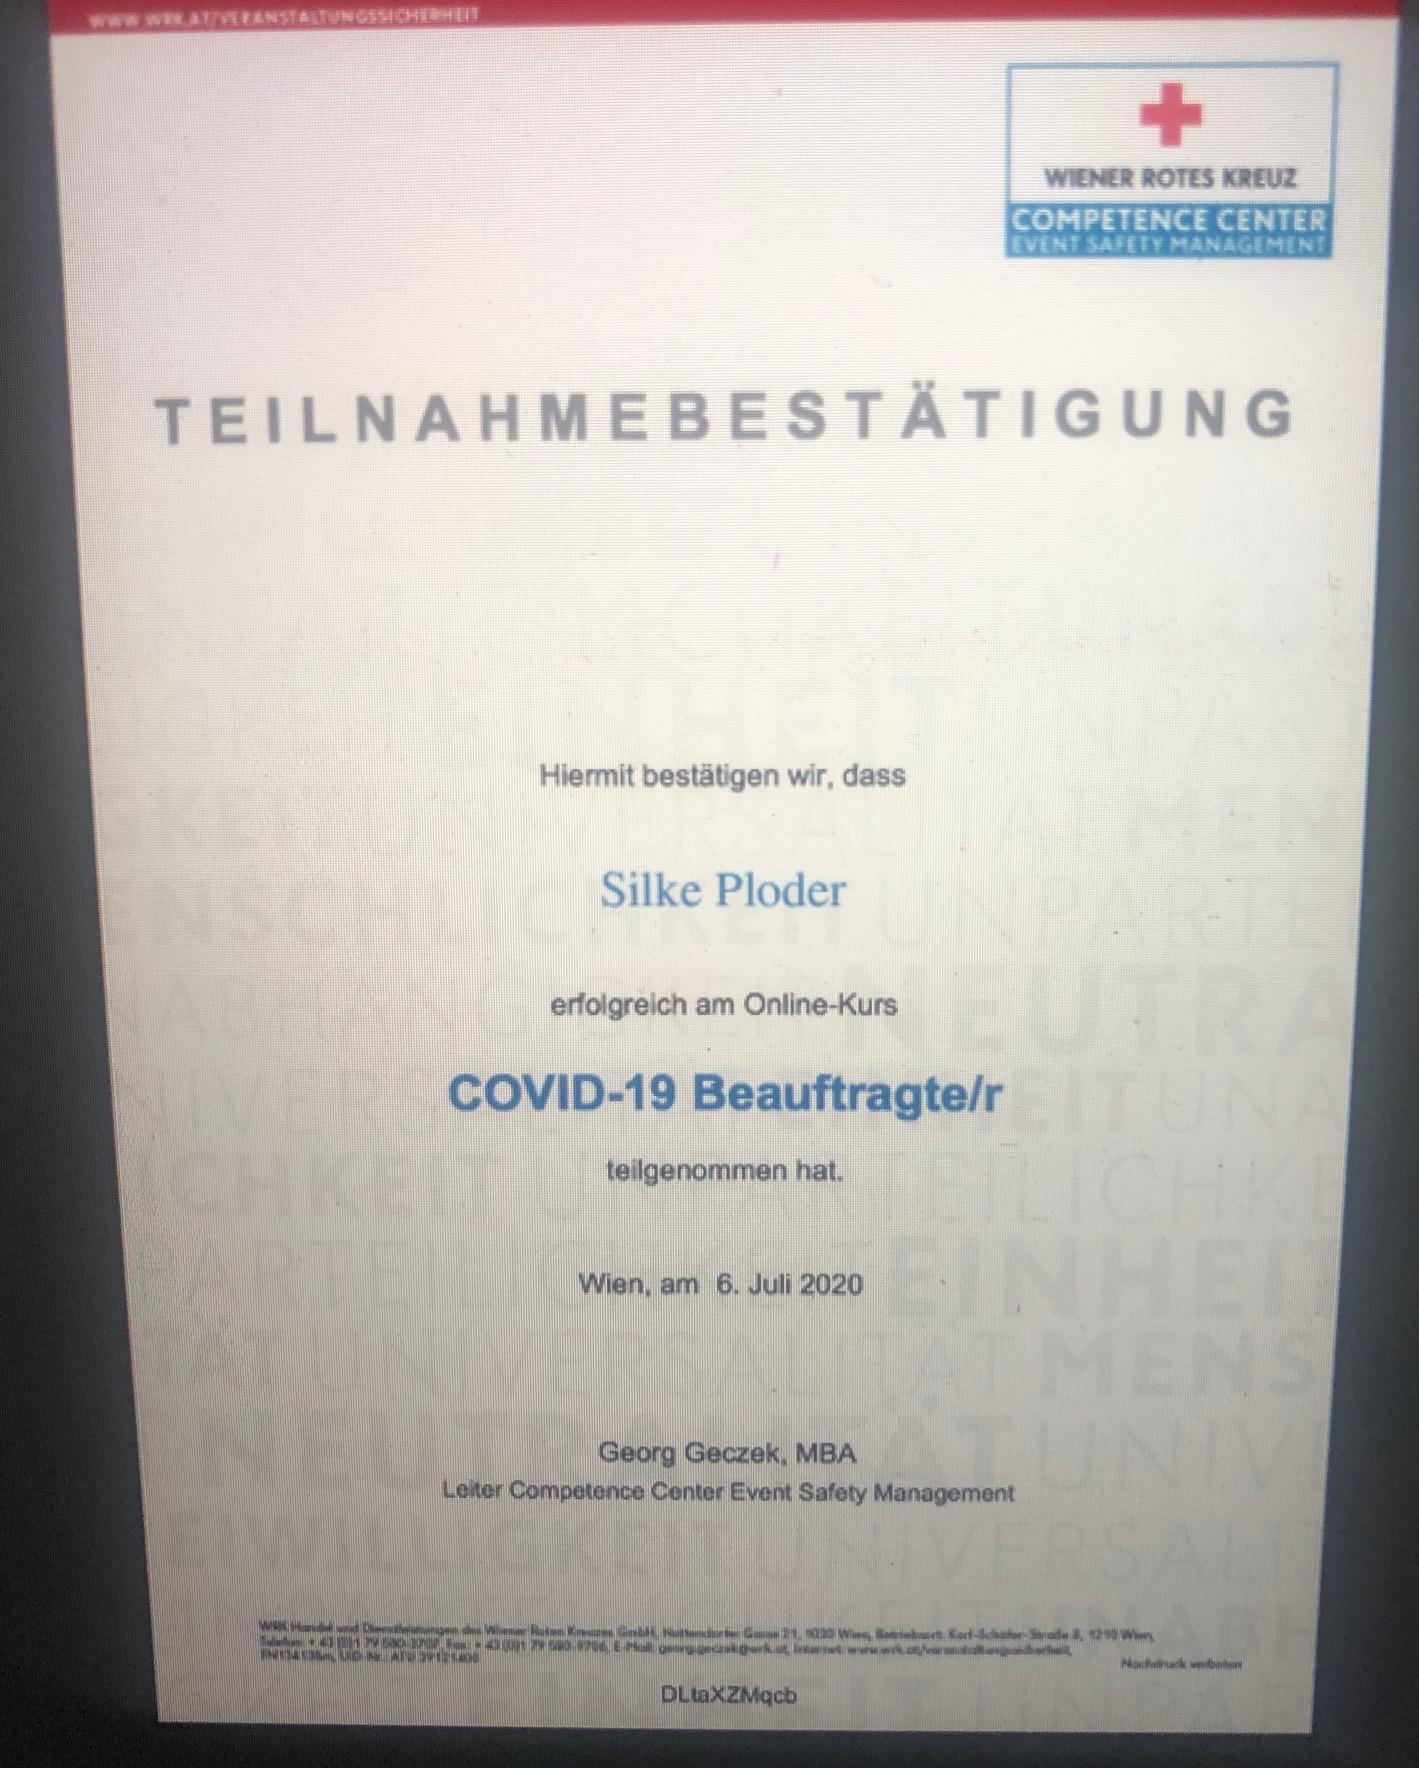 Bestätigung COVID-19 Beauftragte